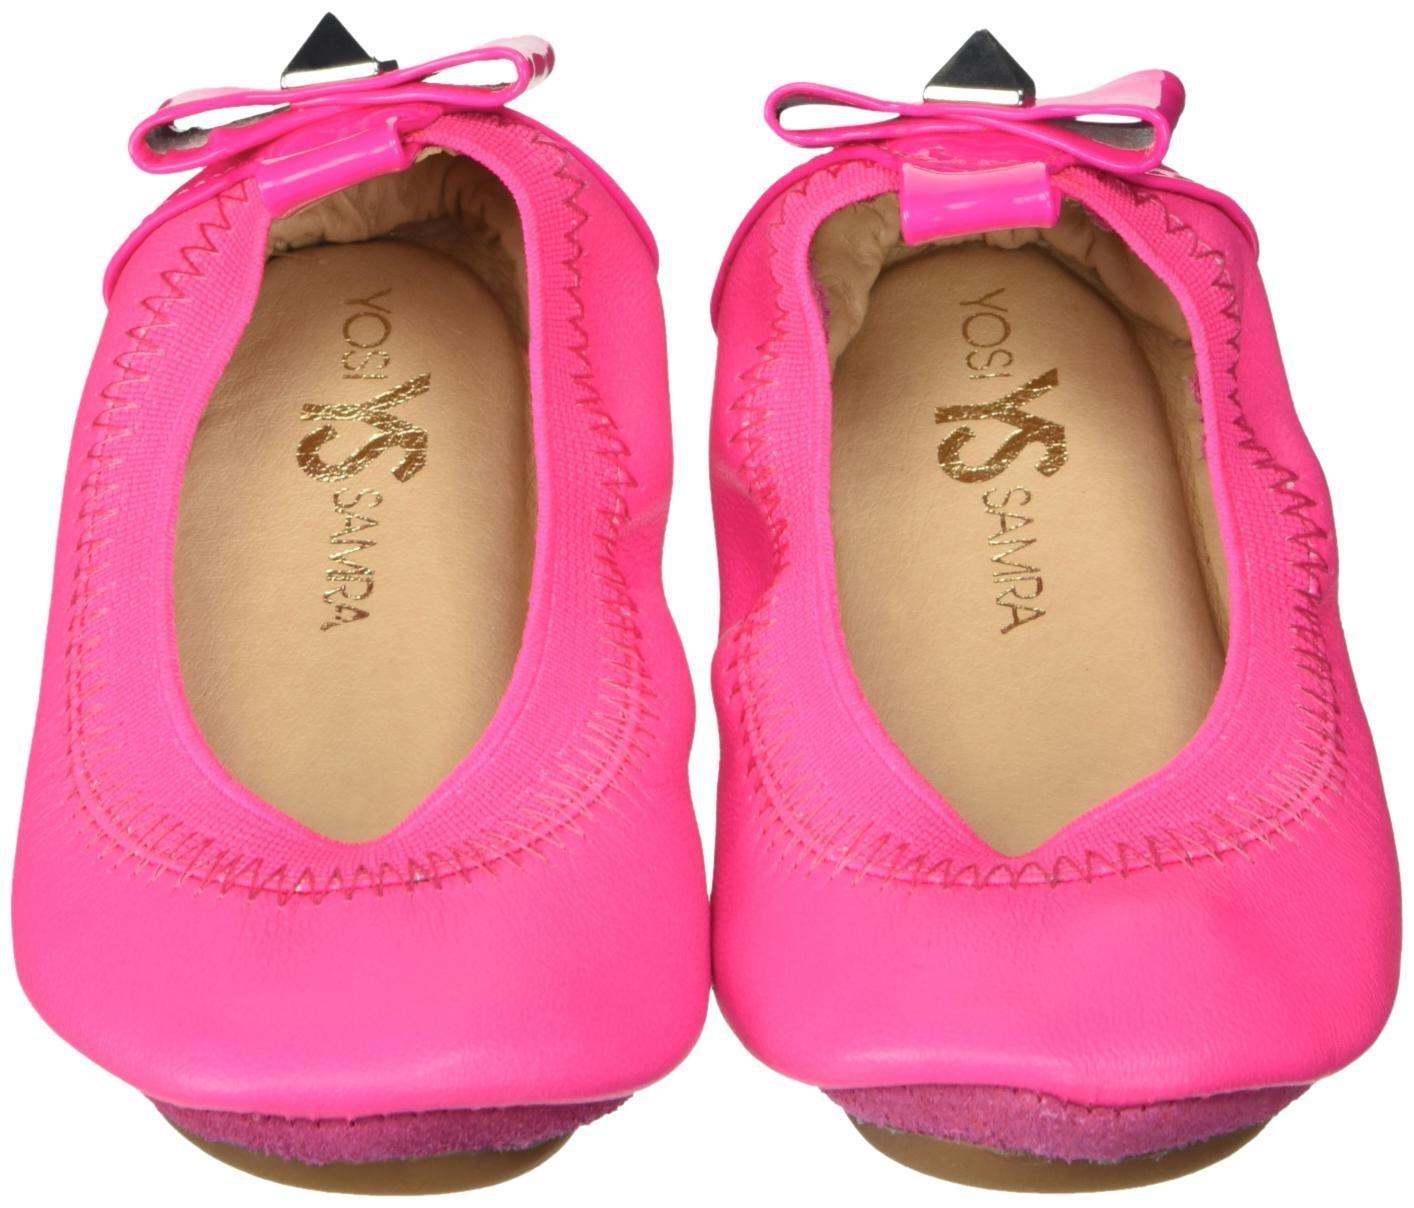 Yosi Samra Girls Selma Slip on Ballet Flat (Toddler), Shocking Pink, 8 M US Toddler